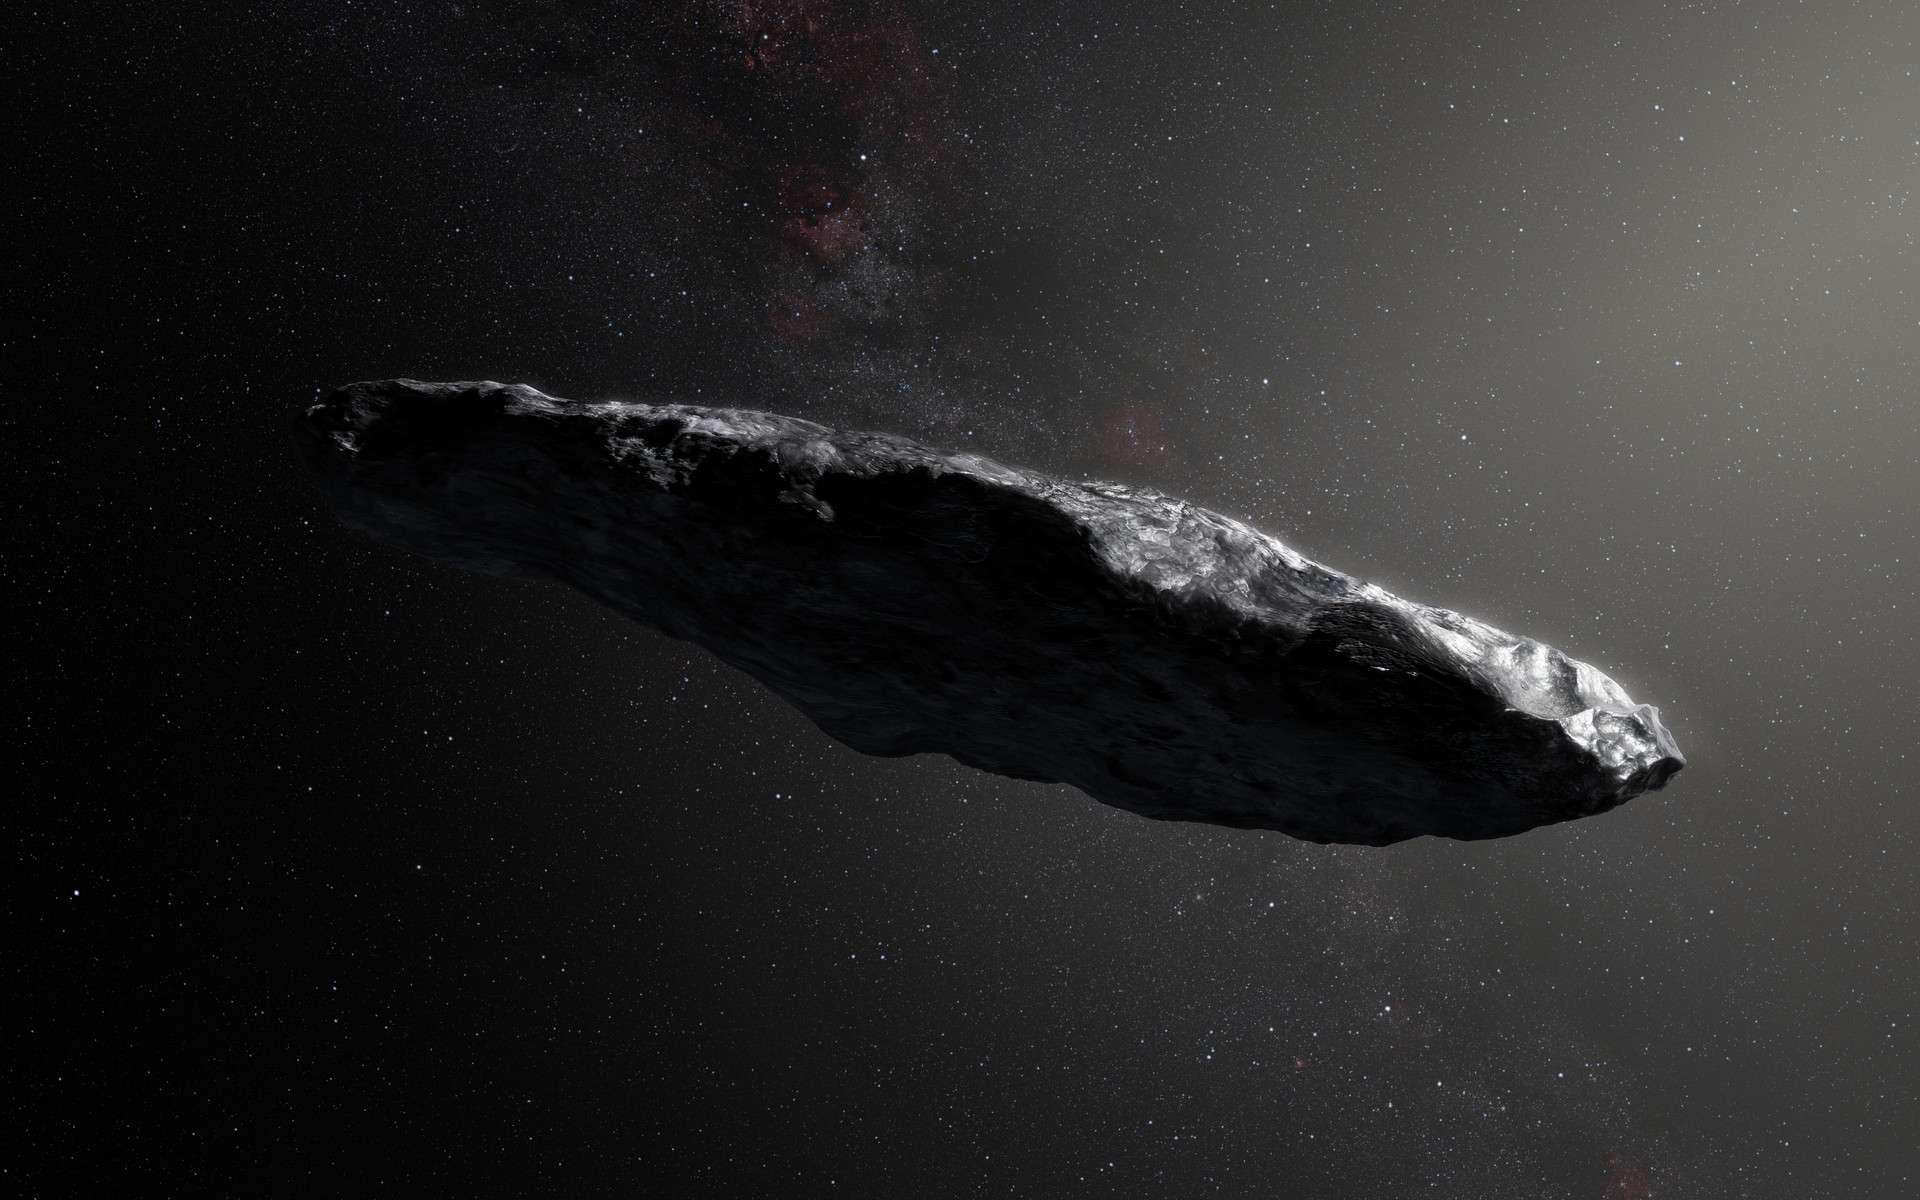 Vue d'artiste d'Oumuamua. D'aspect rougeâtre et en forme de cigare, avec une longueur de 800 mètres et une largeur de 80 mètres environ, qui plus est sur une orbite hyperbolique le conduisant à quitter le Système solaire à près de 90 km/s, il s'agit incontestablement d'un astéroïde ou d'une comète interstellaire. © ESO